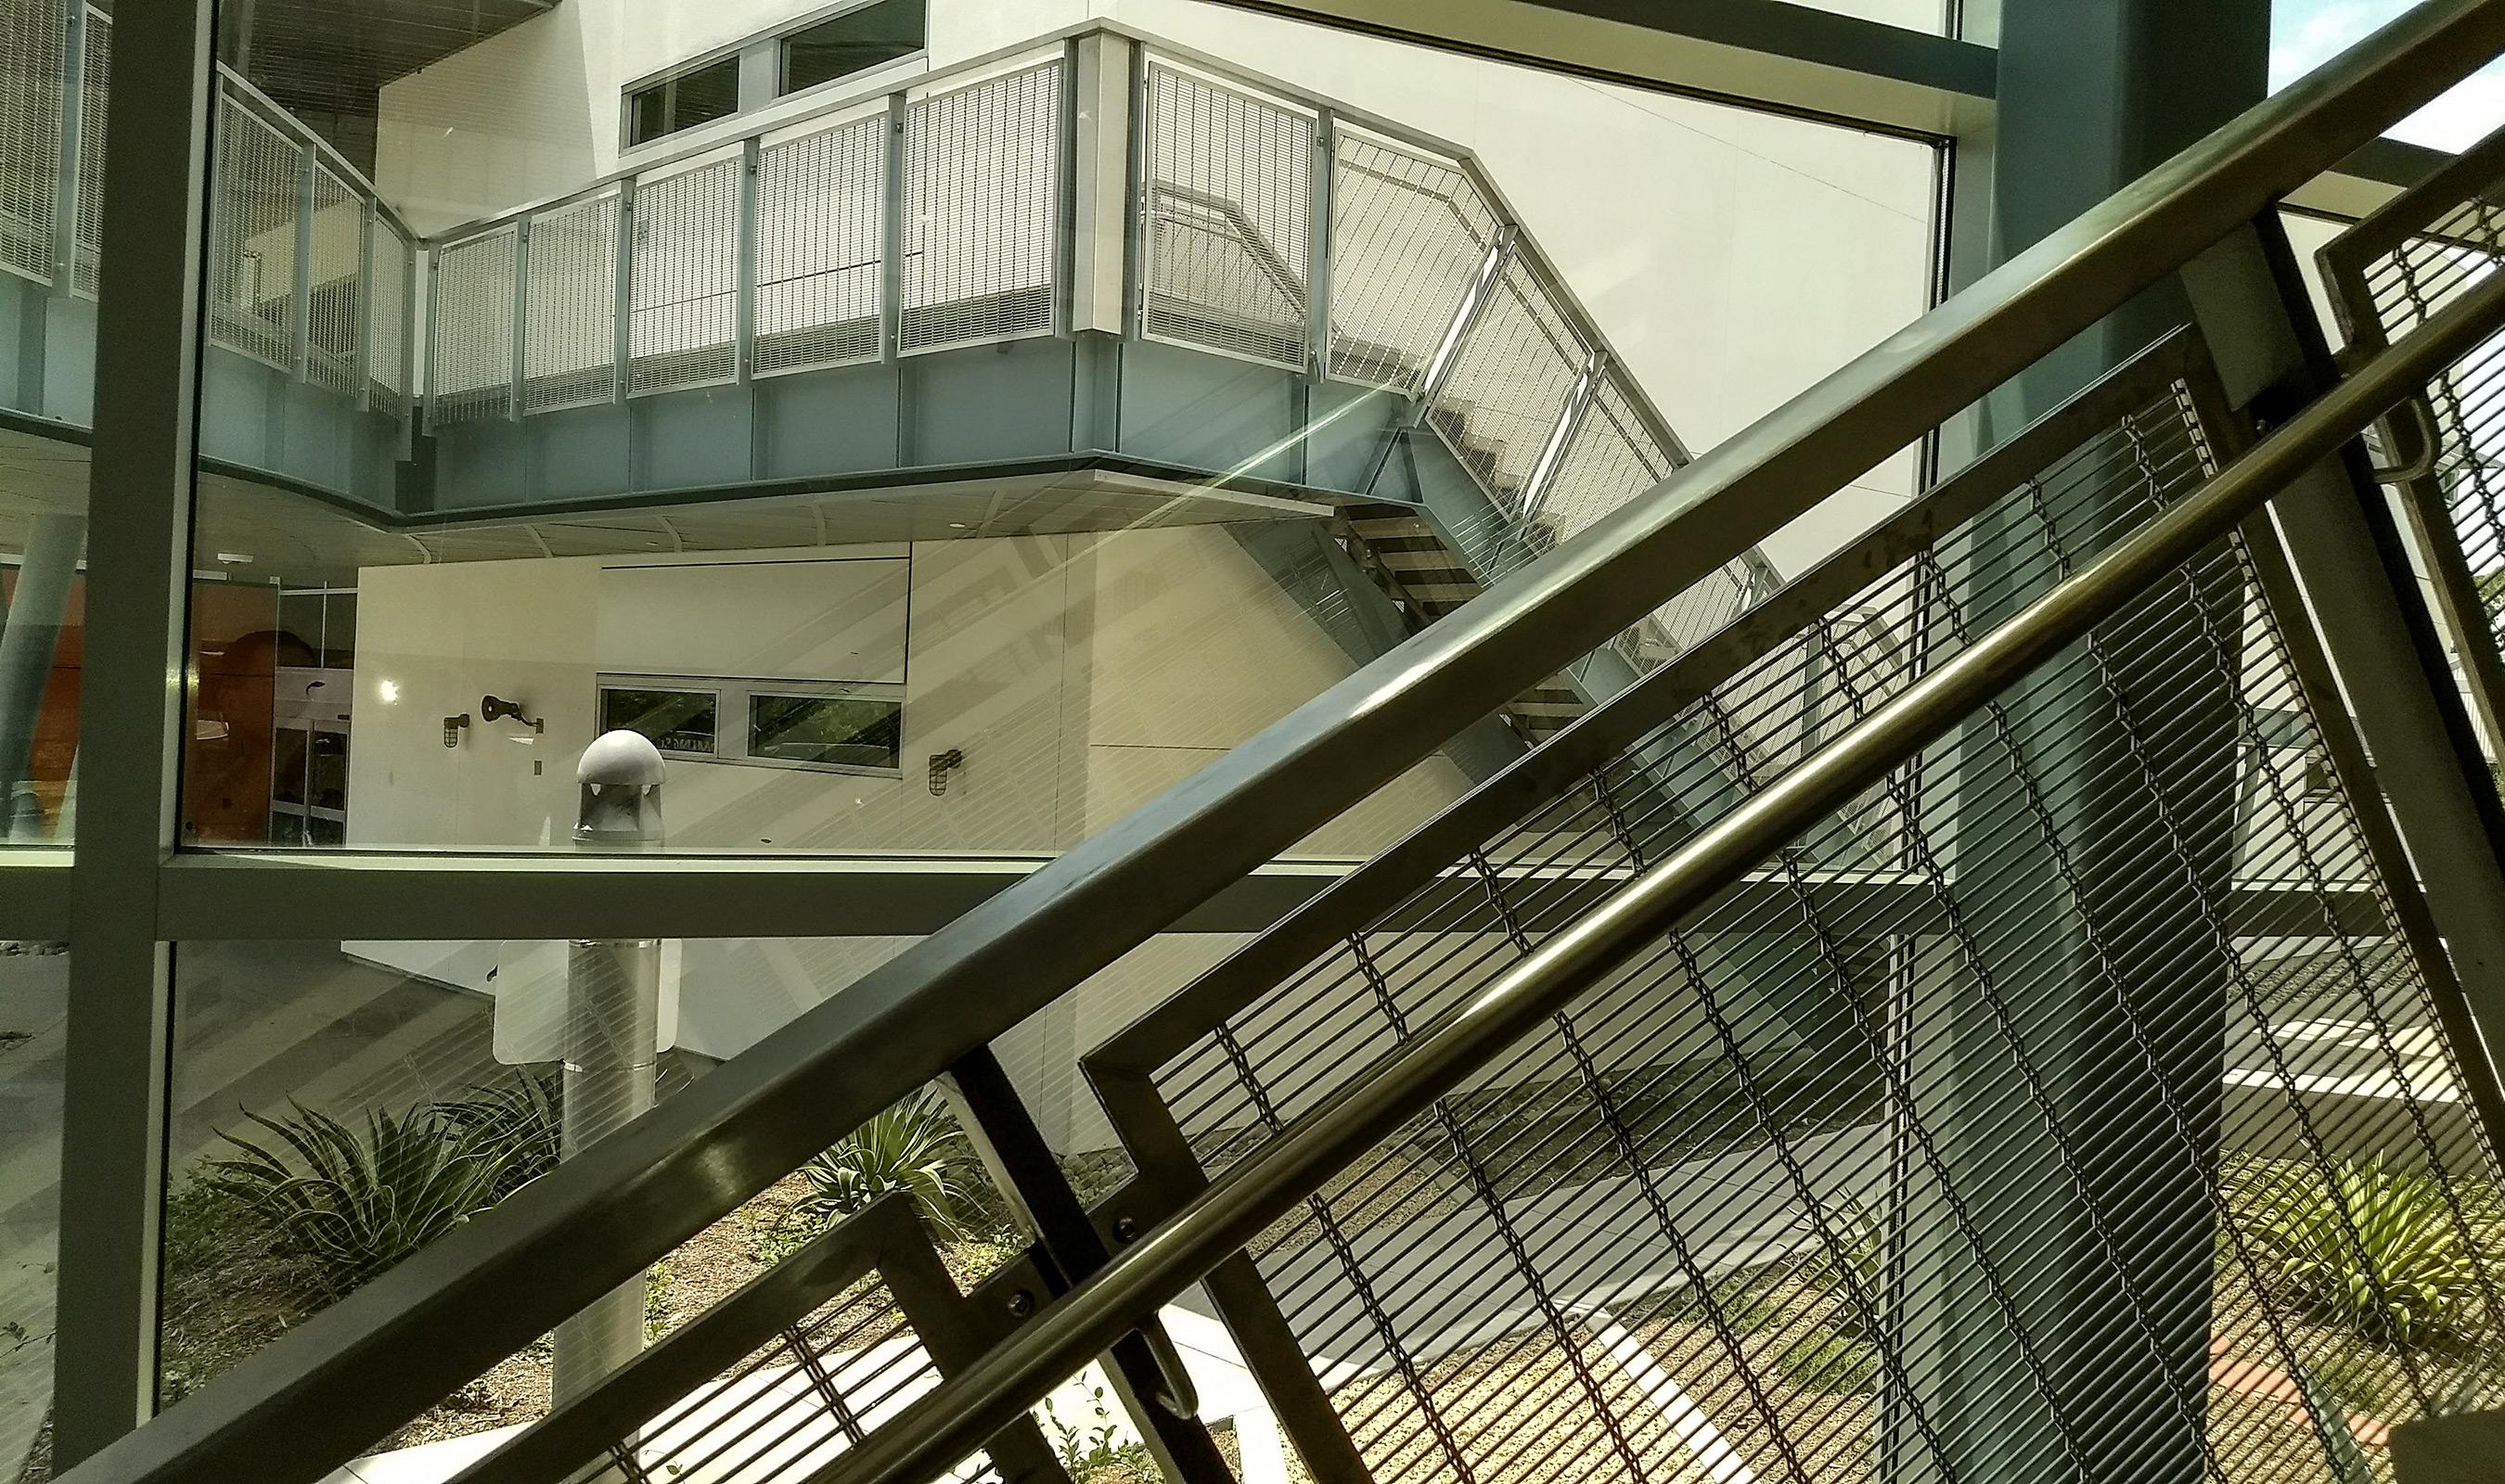 Cerritos College, Math/CIS and Fine Arts Buildings